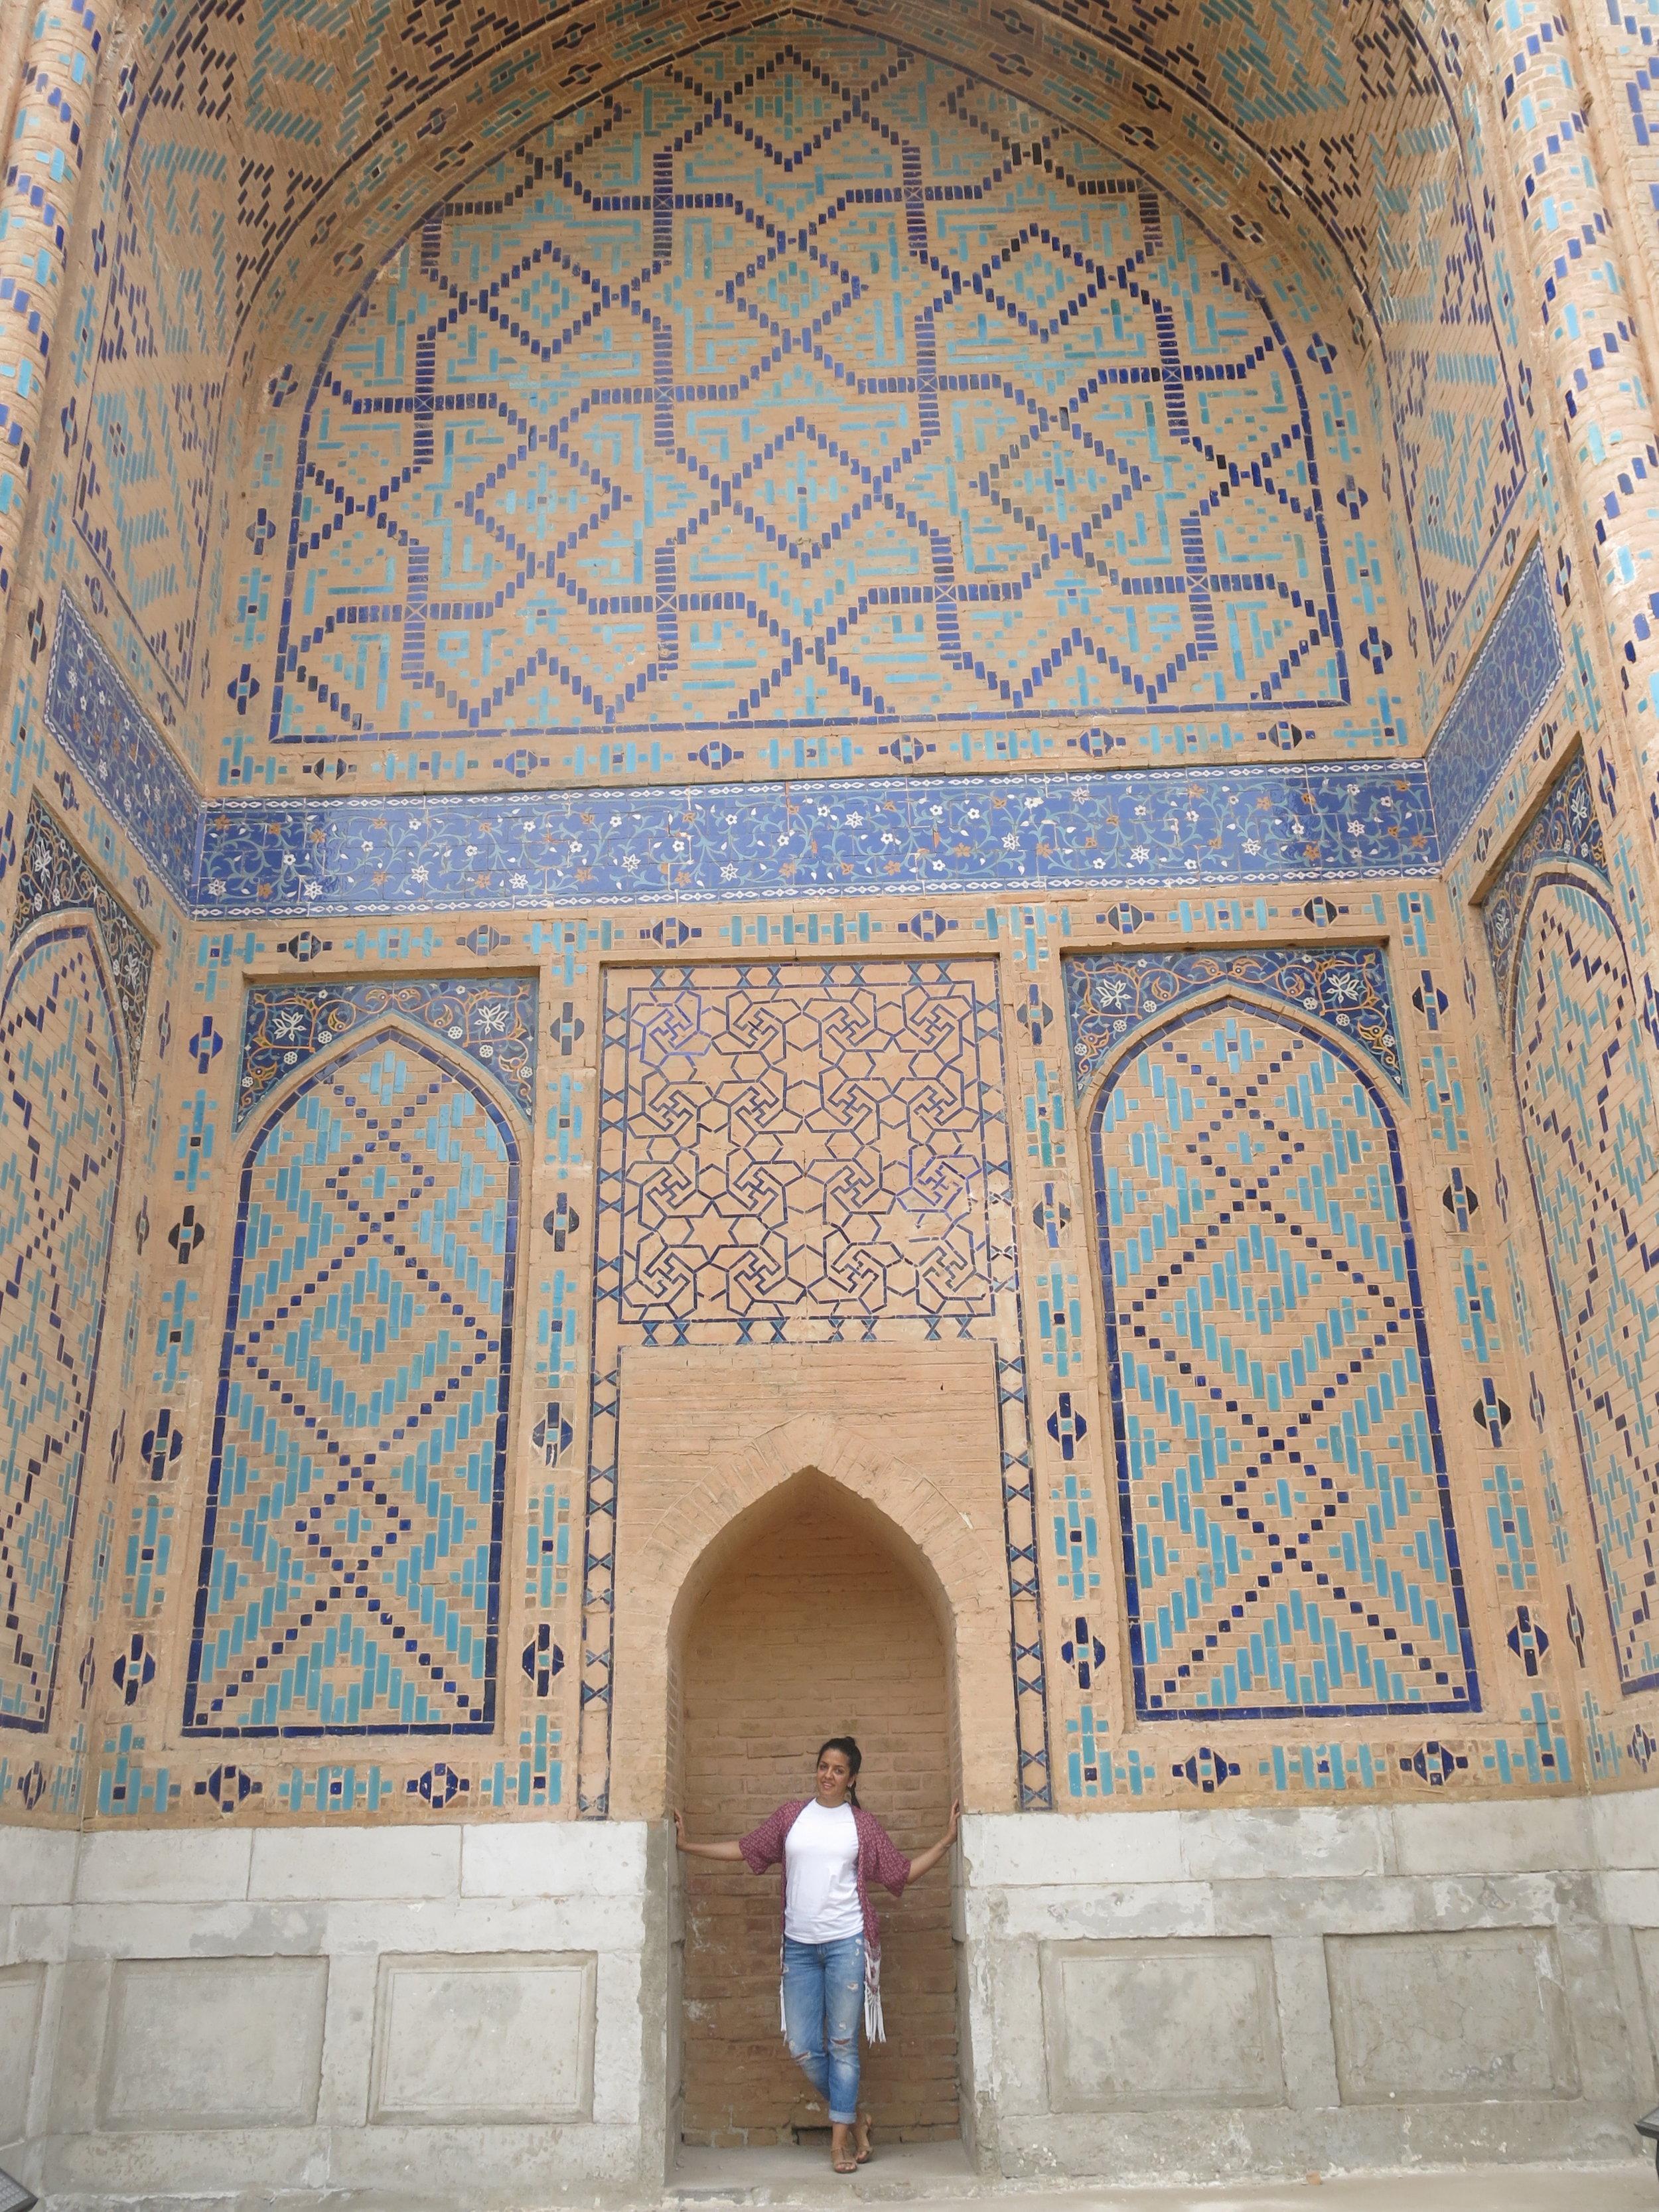 Amir Timur built the mosque for his wife, Bibi-Khanym